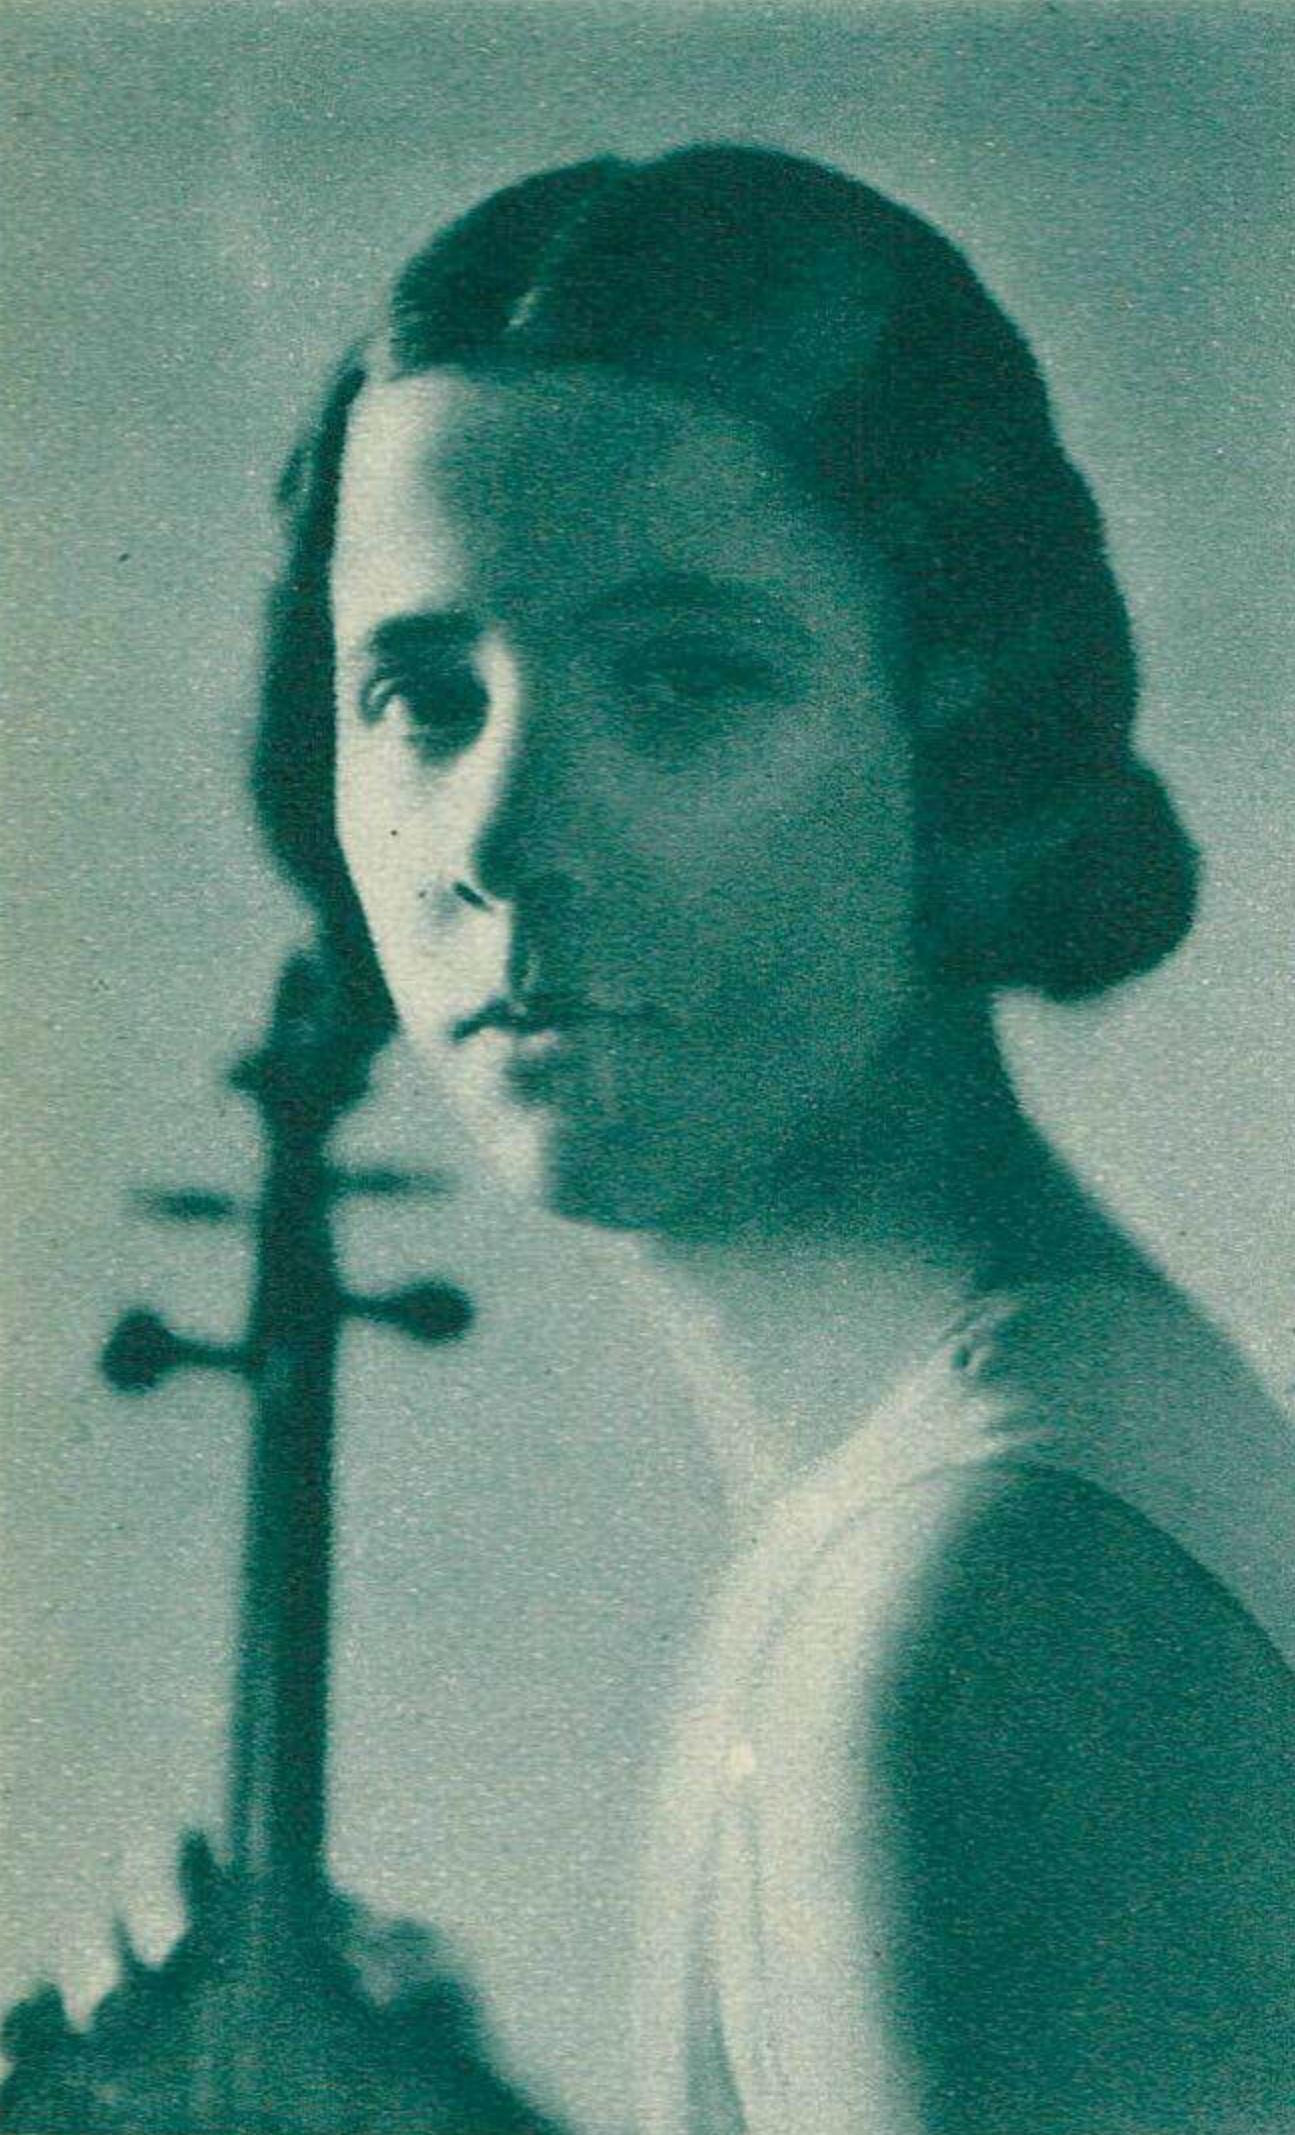 Blanche HONEGGER, revue Le Radio du 20 septembre 1935, No 650, page 1790, cliquer pour une vue agrandie et quelques informations